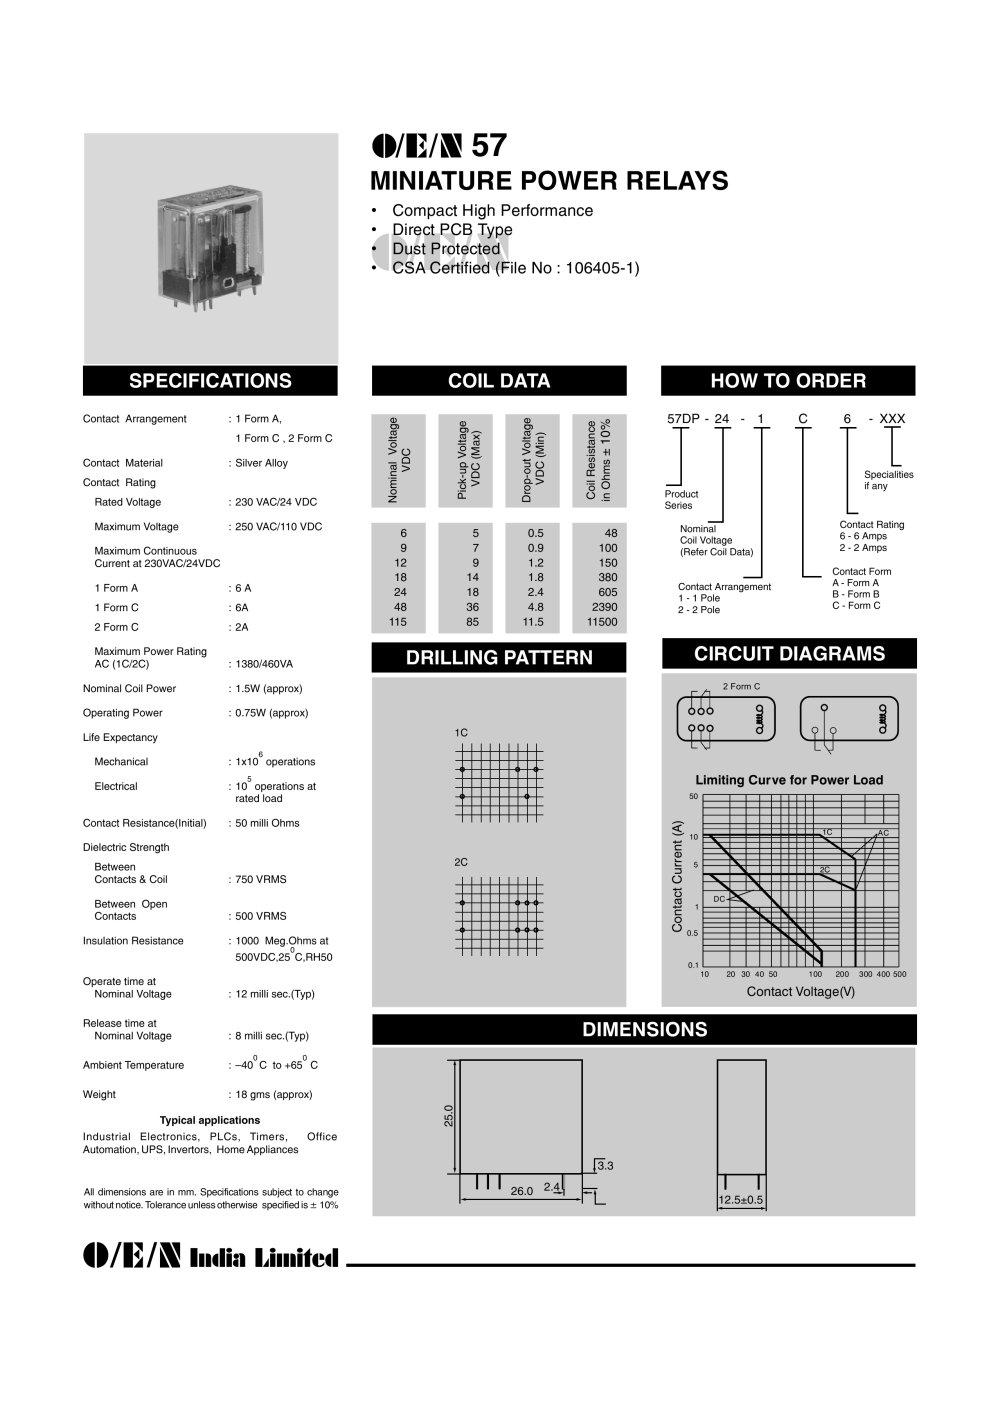 Series 57 - O/E/N India Ltd. - PDF Catalogue | Technical ...